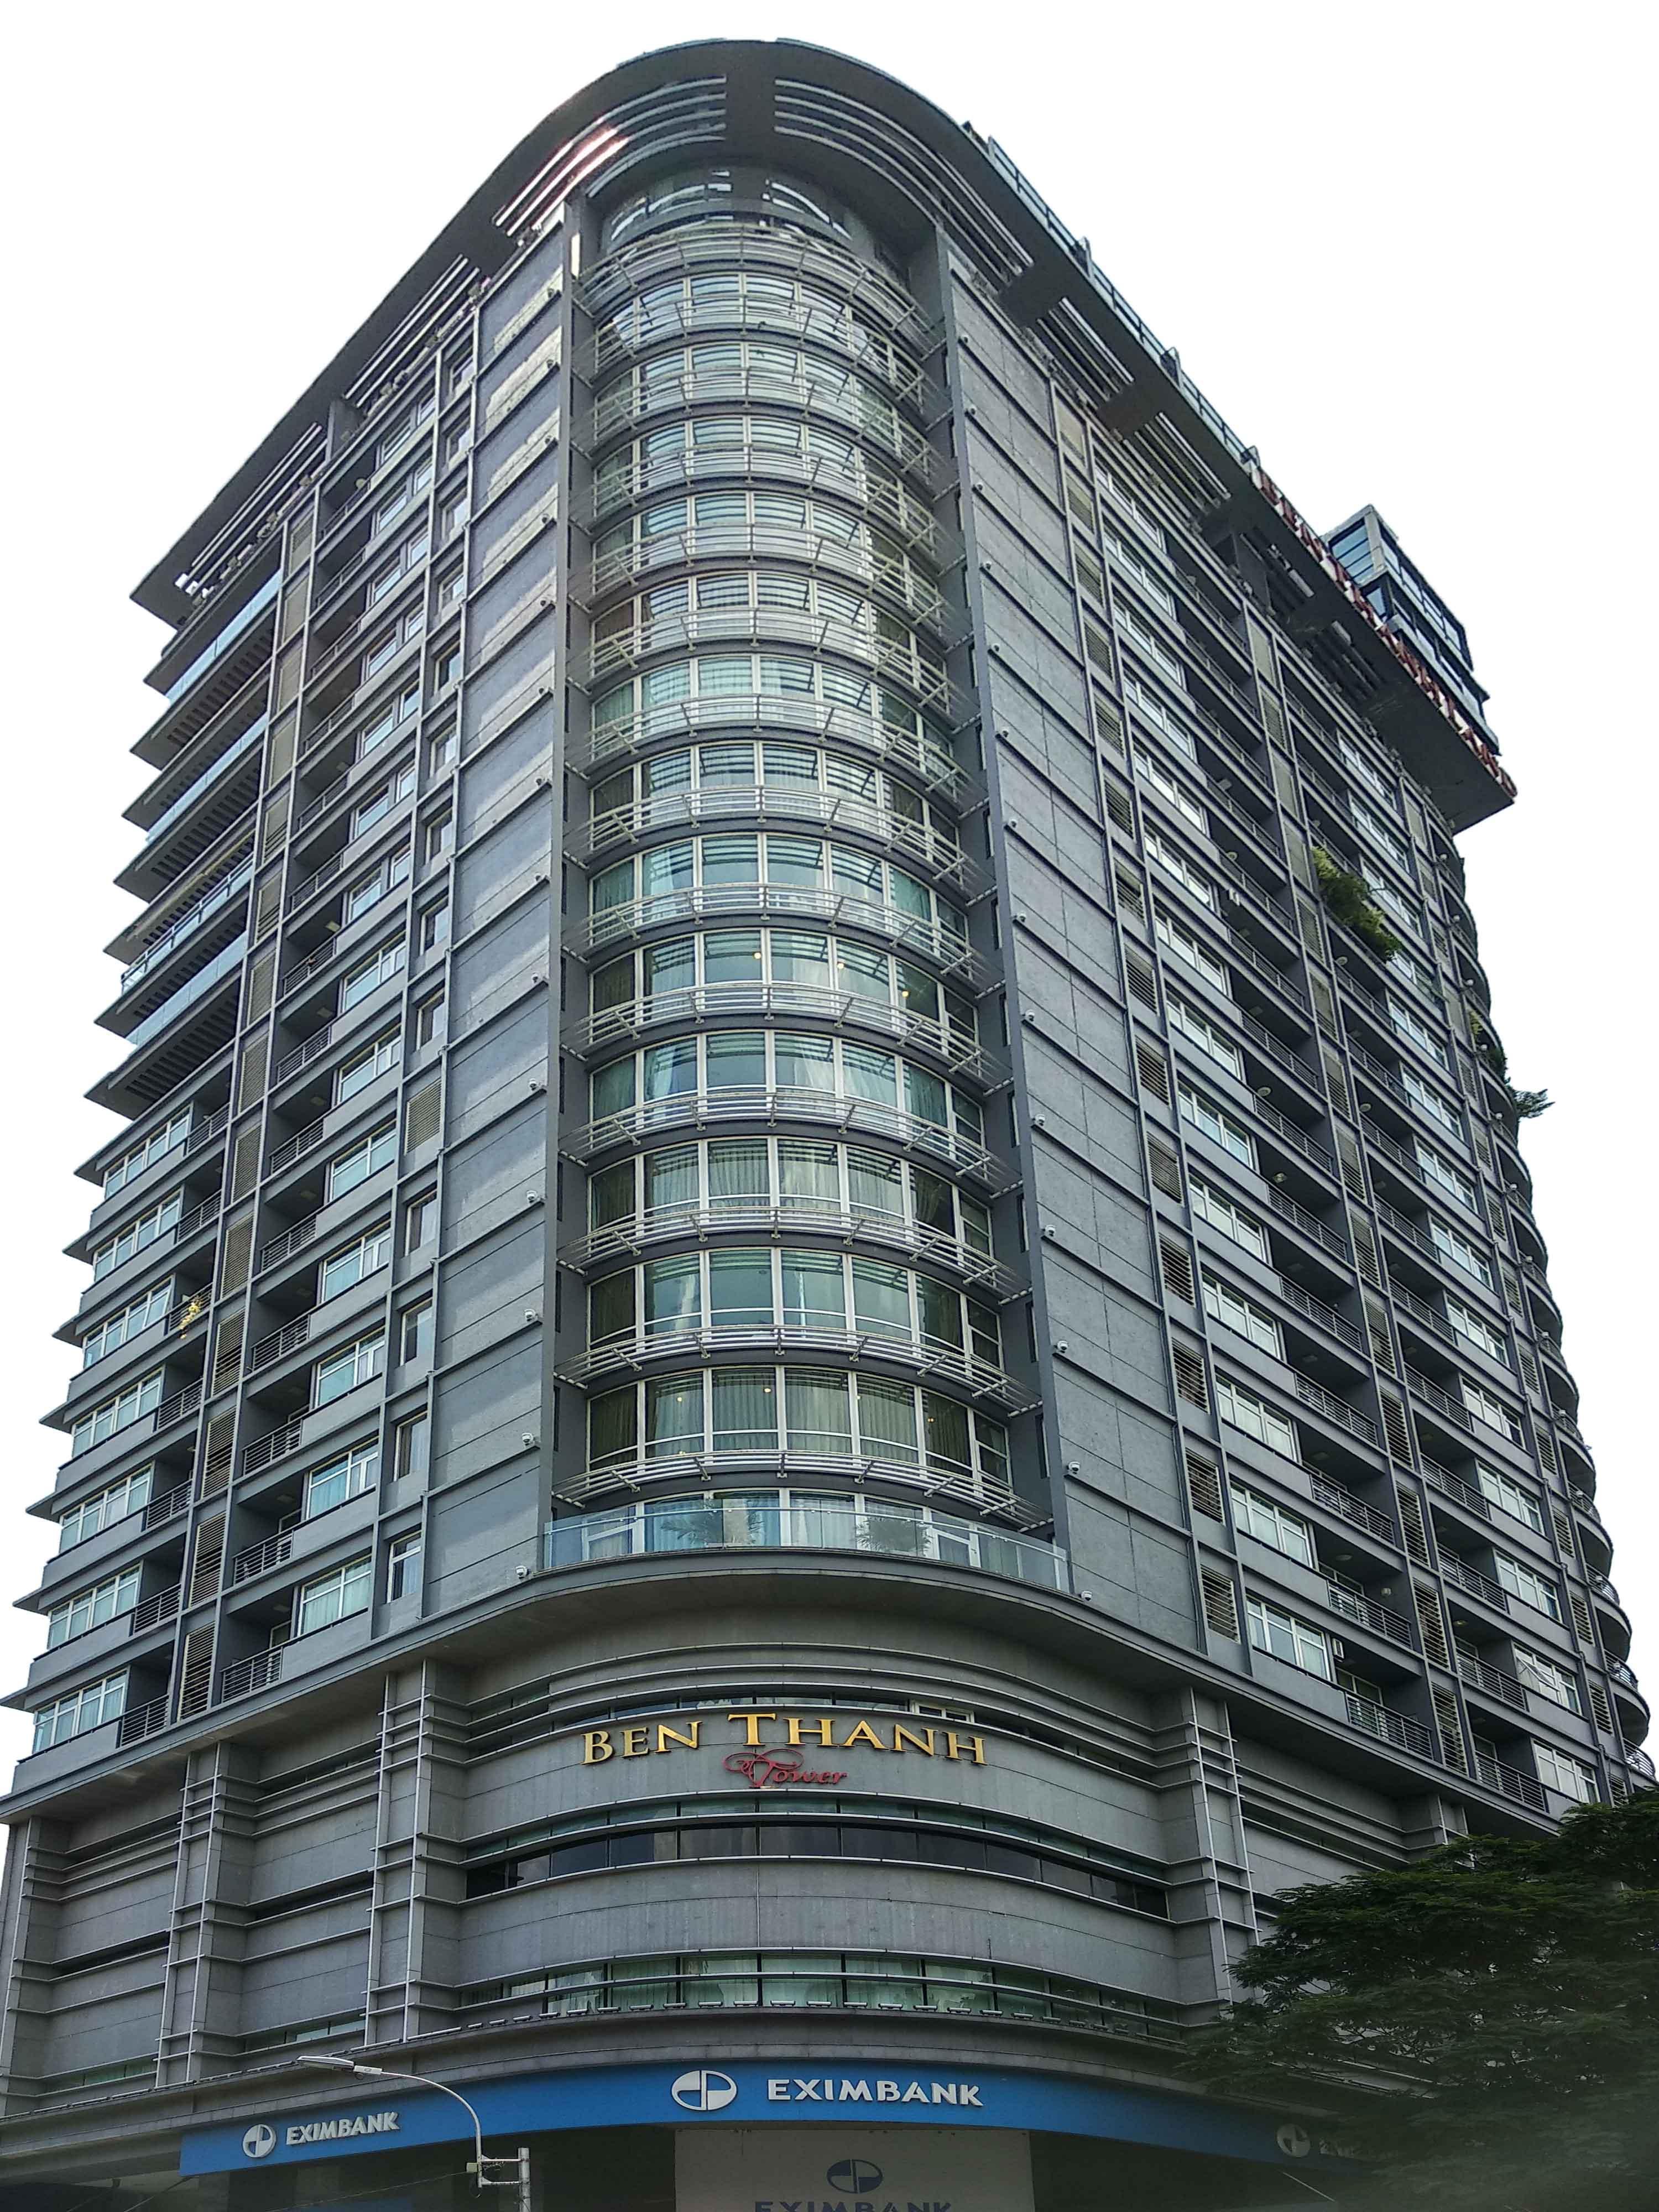 Muốn làm hai dự án 2,8 tỉ USD tại Quảng Ninh, Bến Thành Holdings Group có năng lực thế nào? - Ảnh 2.